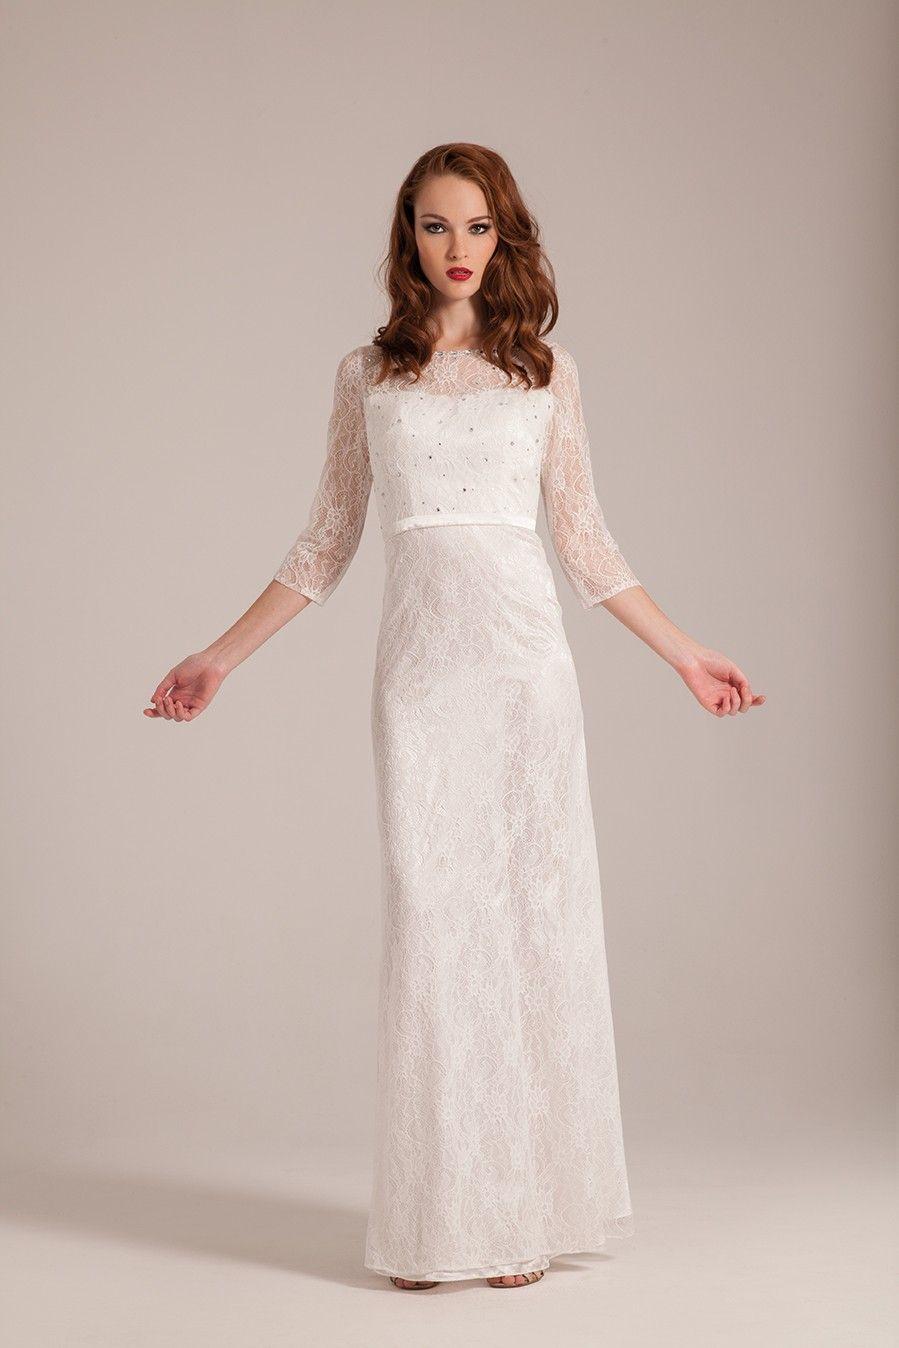 NY 2254 | Robe de mariée droite, Robe de